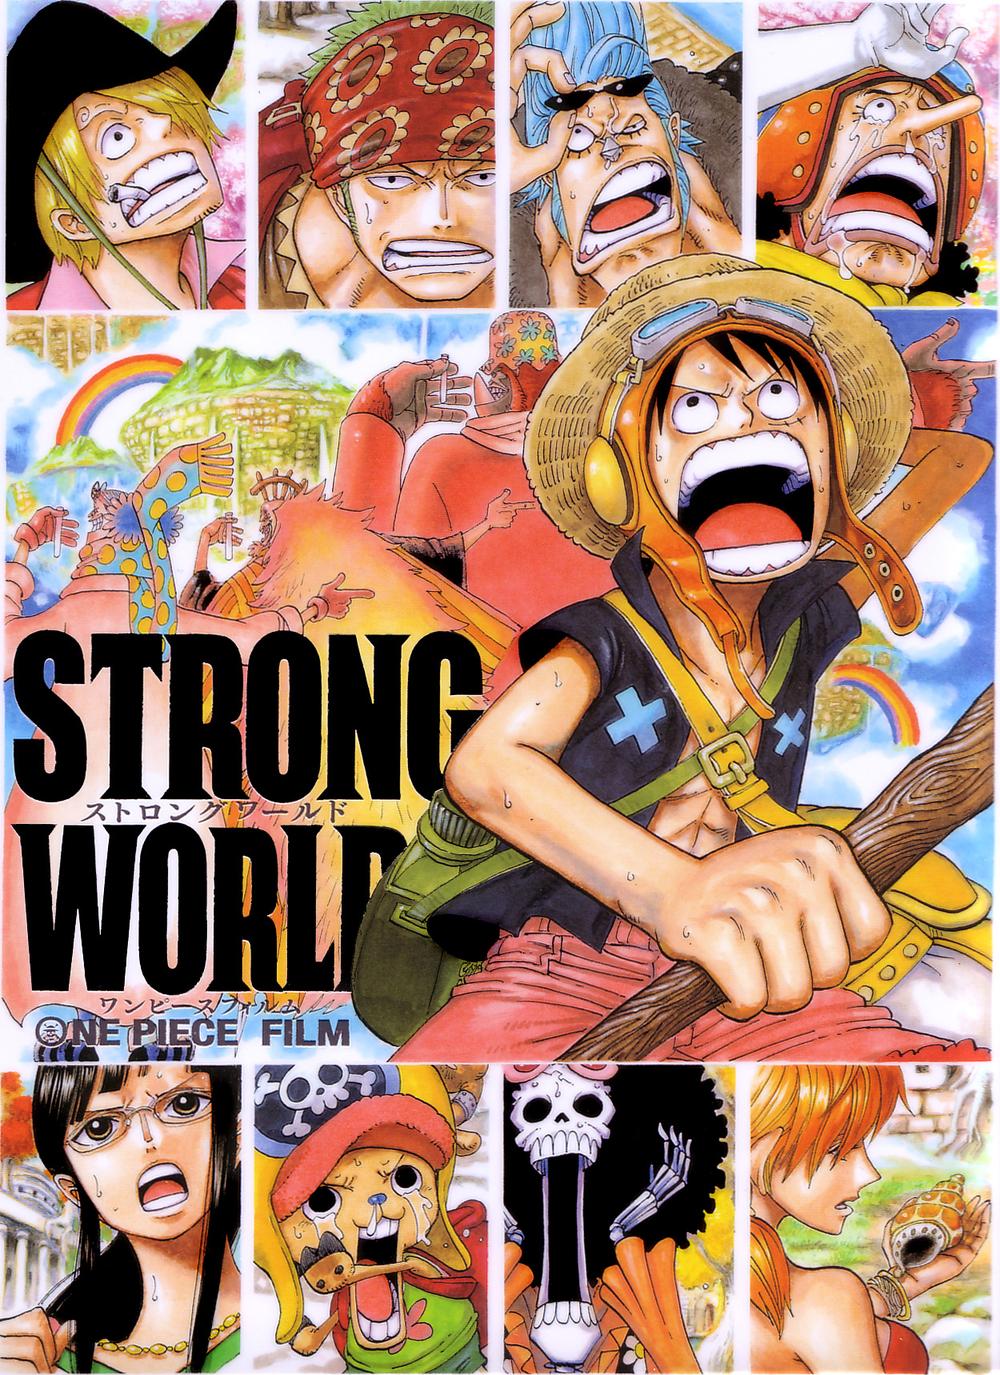 One Piece Strong World ภาคพิเศษฉลองครบ 10 ปี1